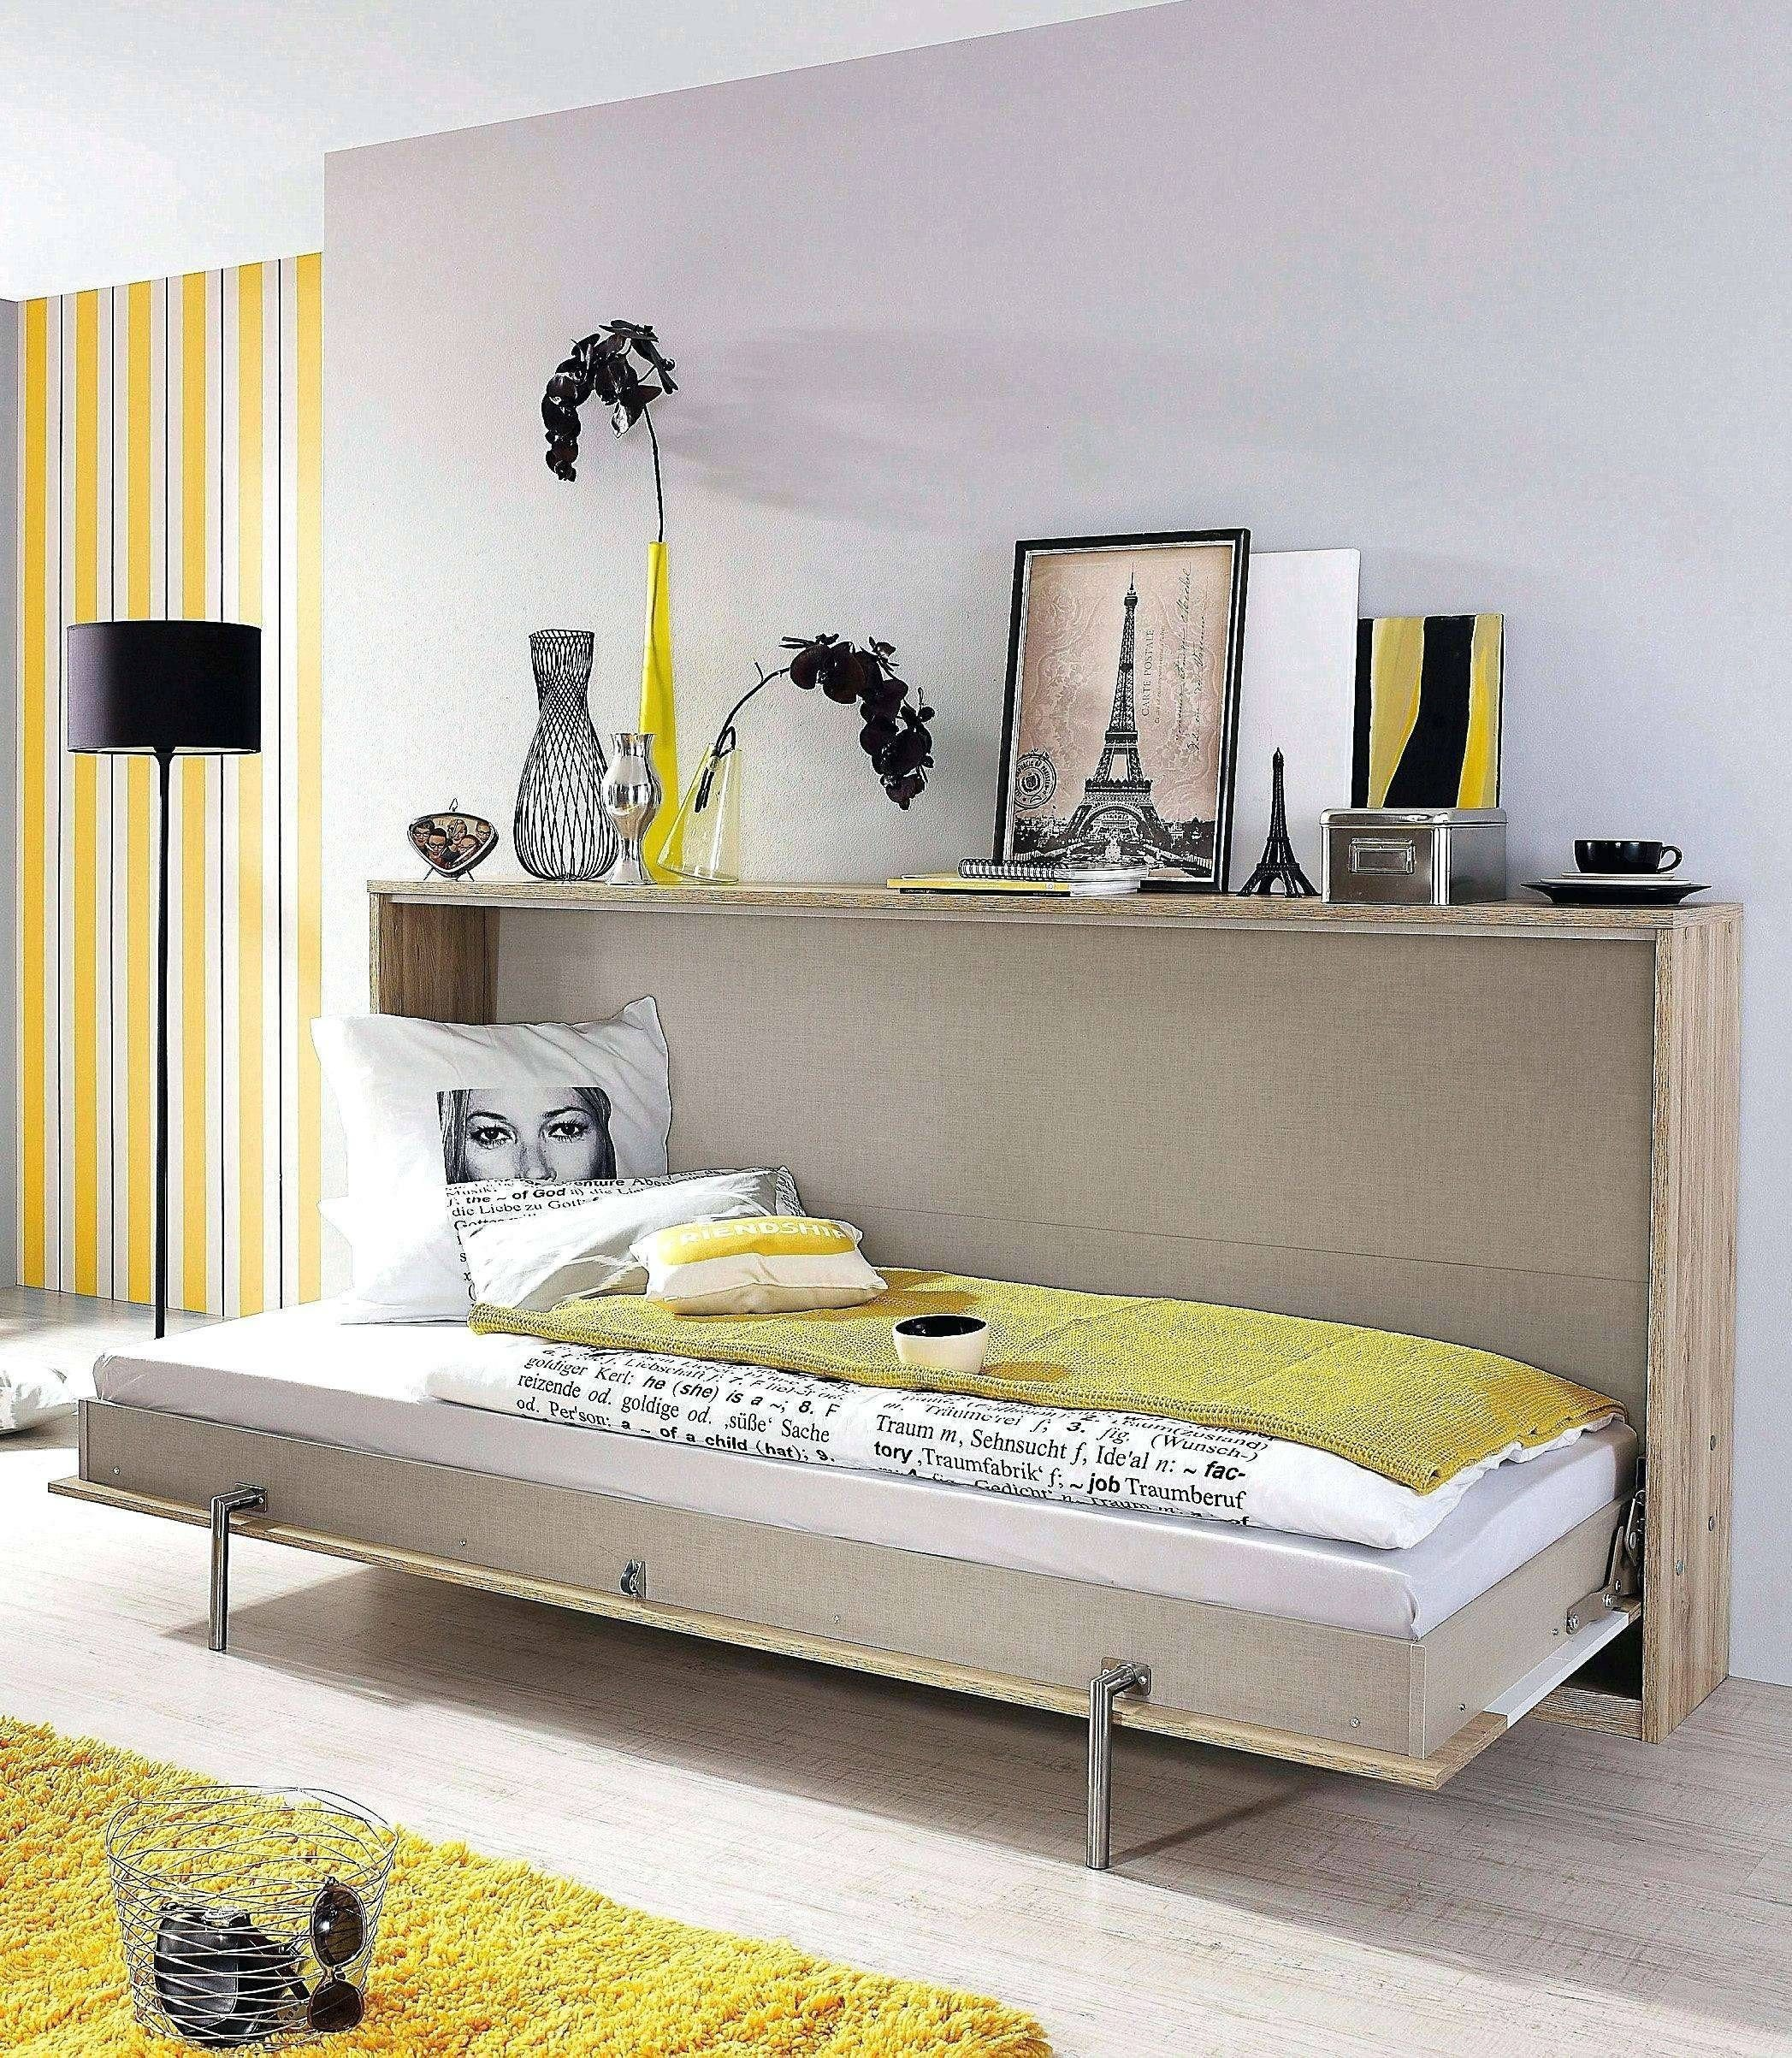 lit cabane pas cher luxe literie bebe pas cher ciel de lit. Black Bedroom Furniture Sets. Home Design Ideas